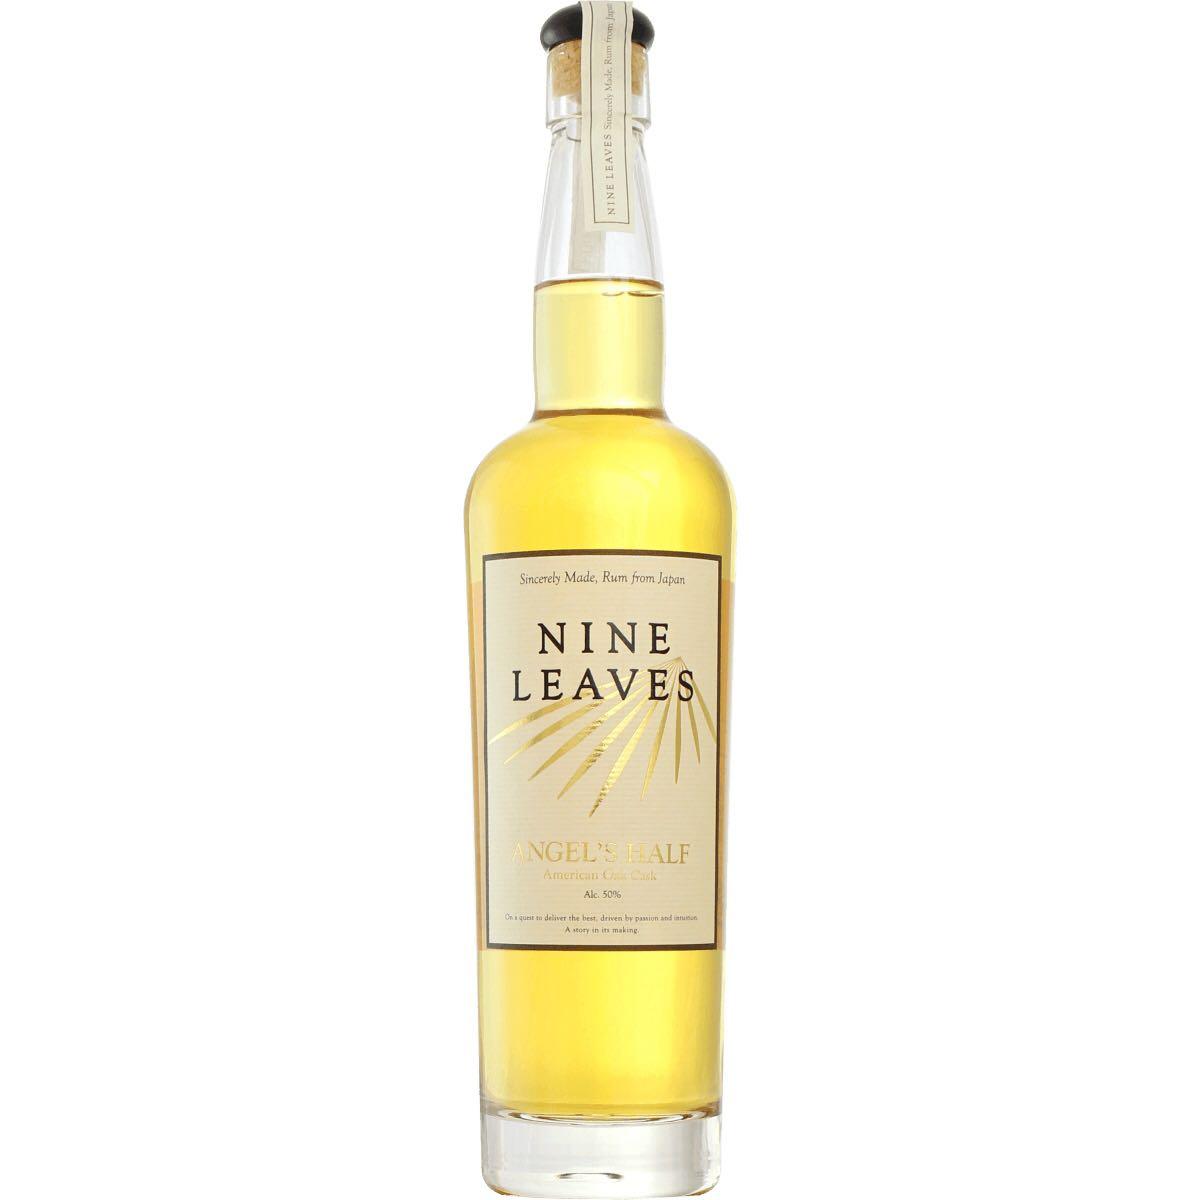 Bottle image of Angel's Half American Oak Cask